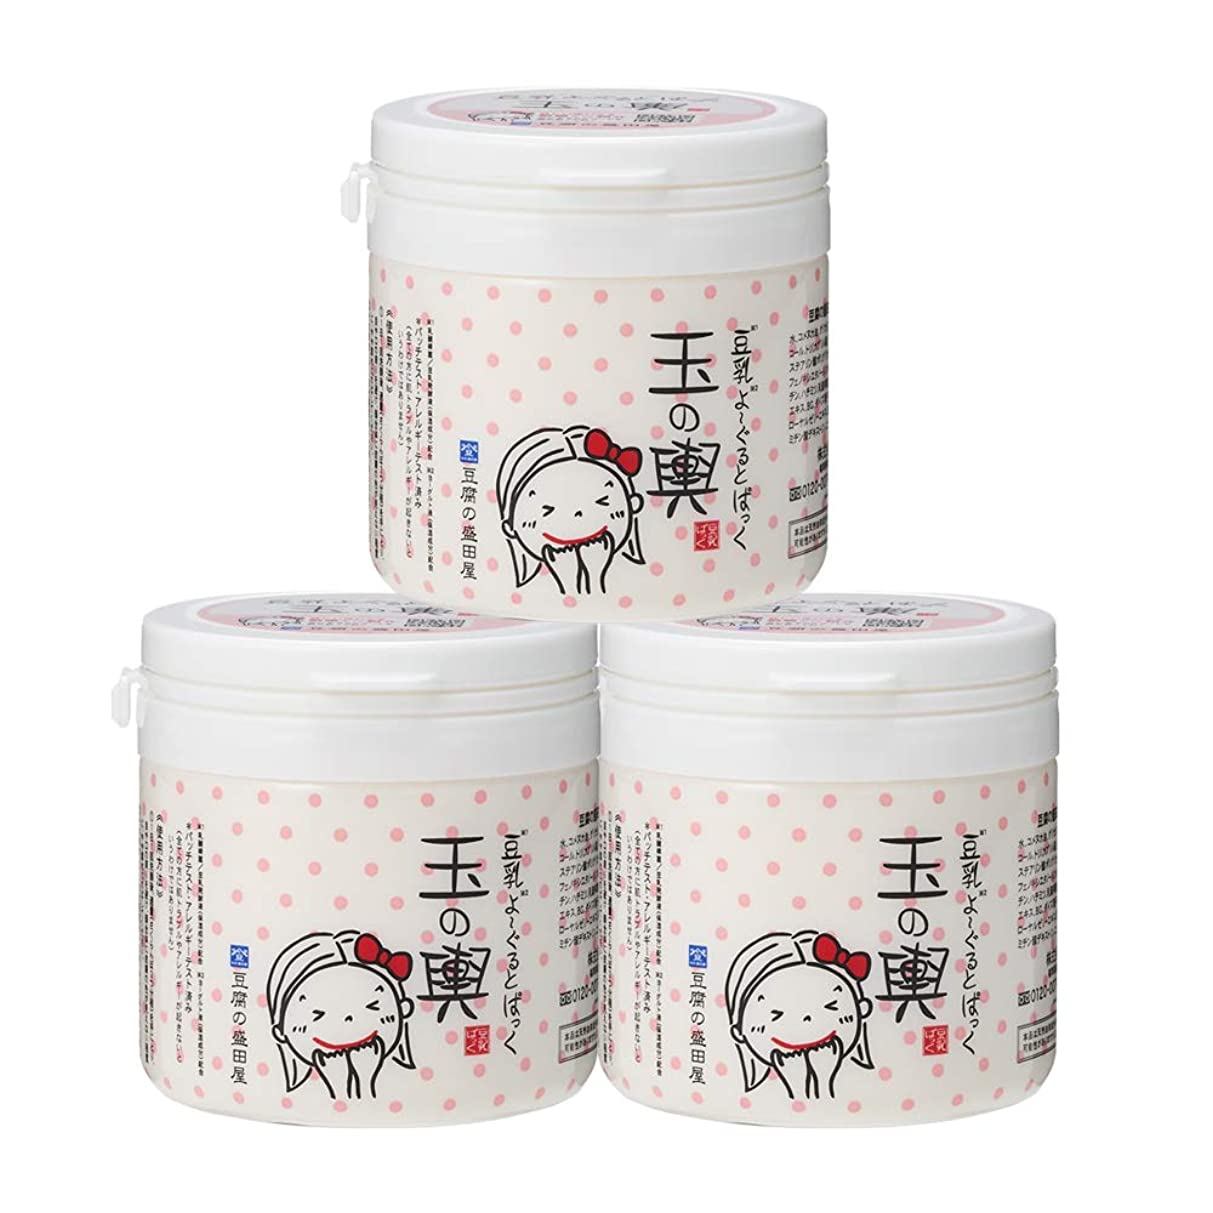 グリップ辛い入場料豆腐の盛田屋 豆乳よーぐるとぱっく 玉の輿 150g×3個セット